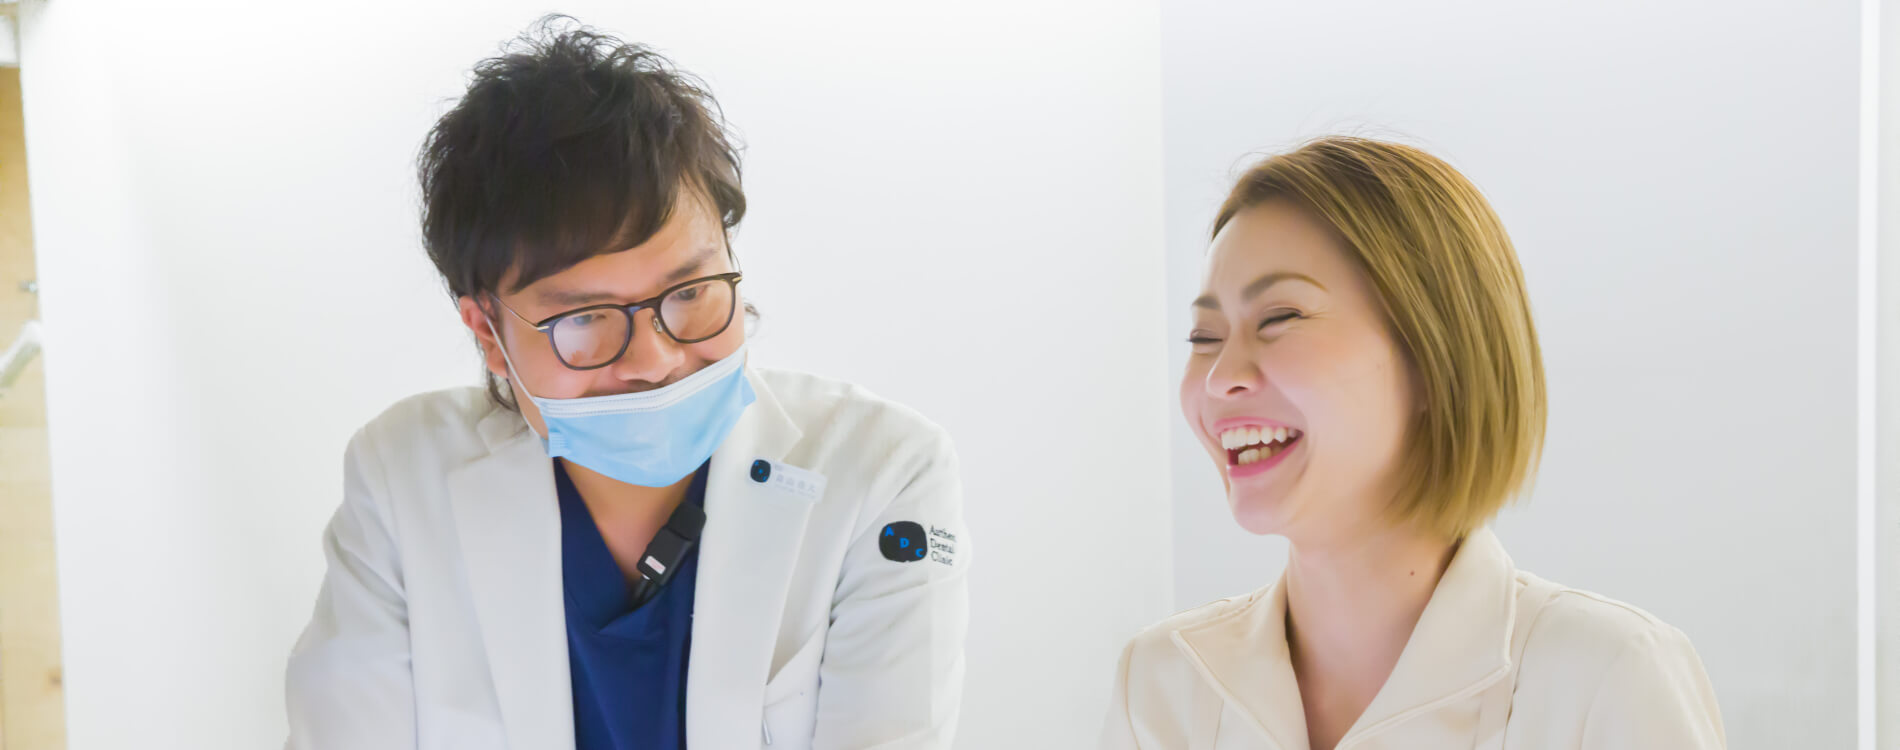 オーセント歯科クリニック 求人サイト